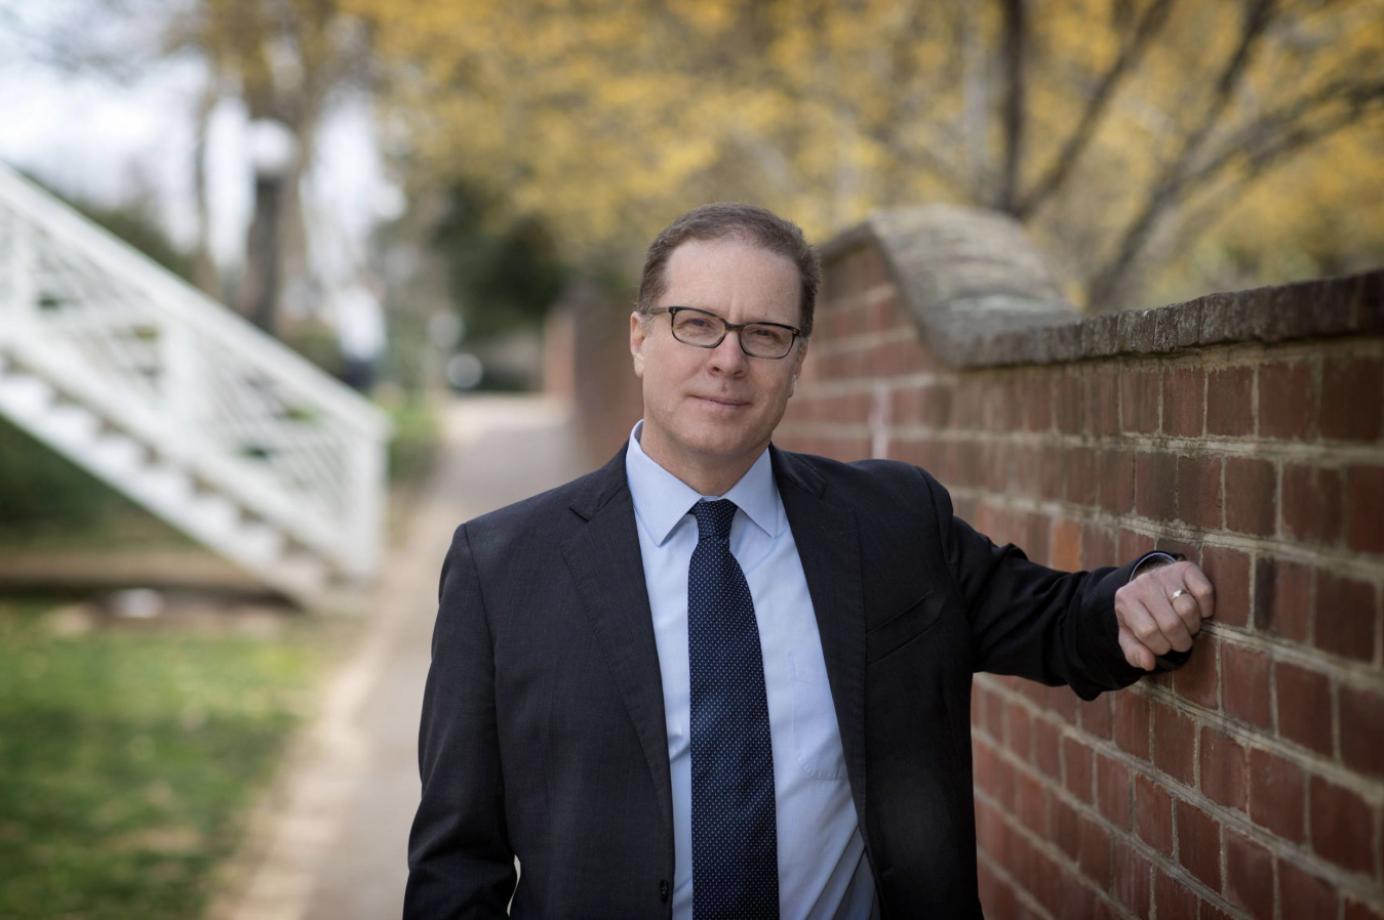 Batten School professor Jay Shimshack